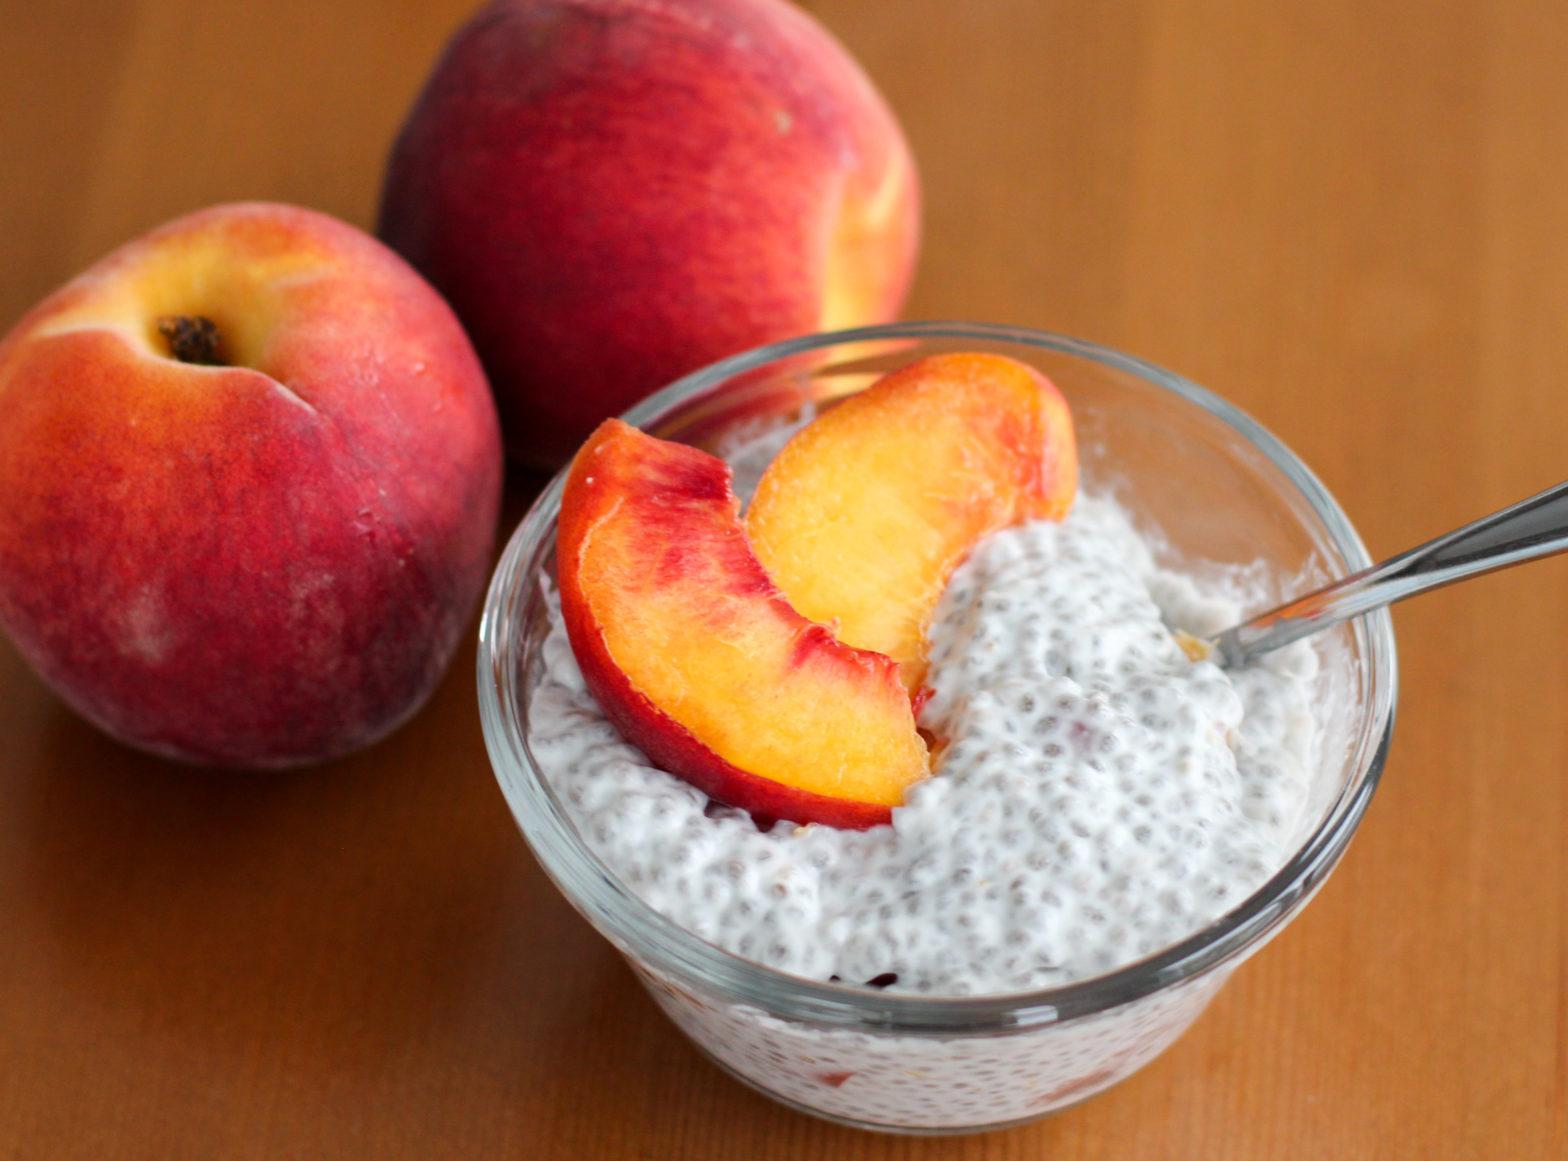 Peaches 'n Cream Chia Seed Pudding